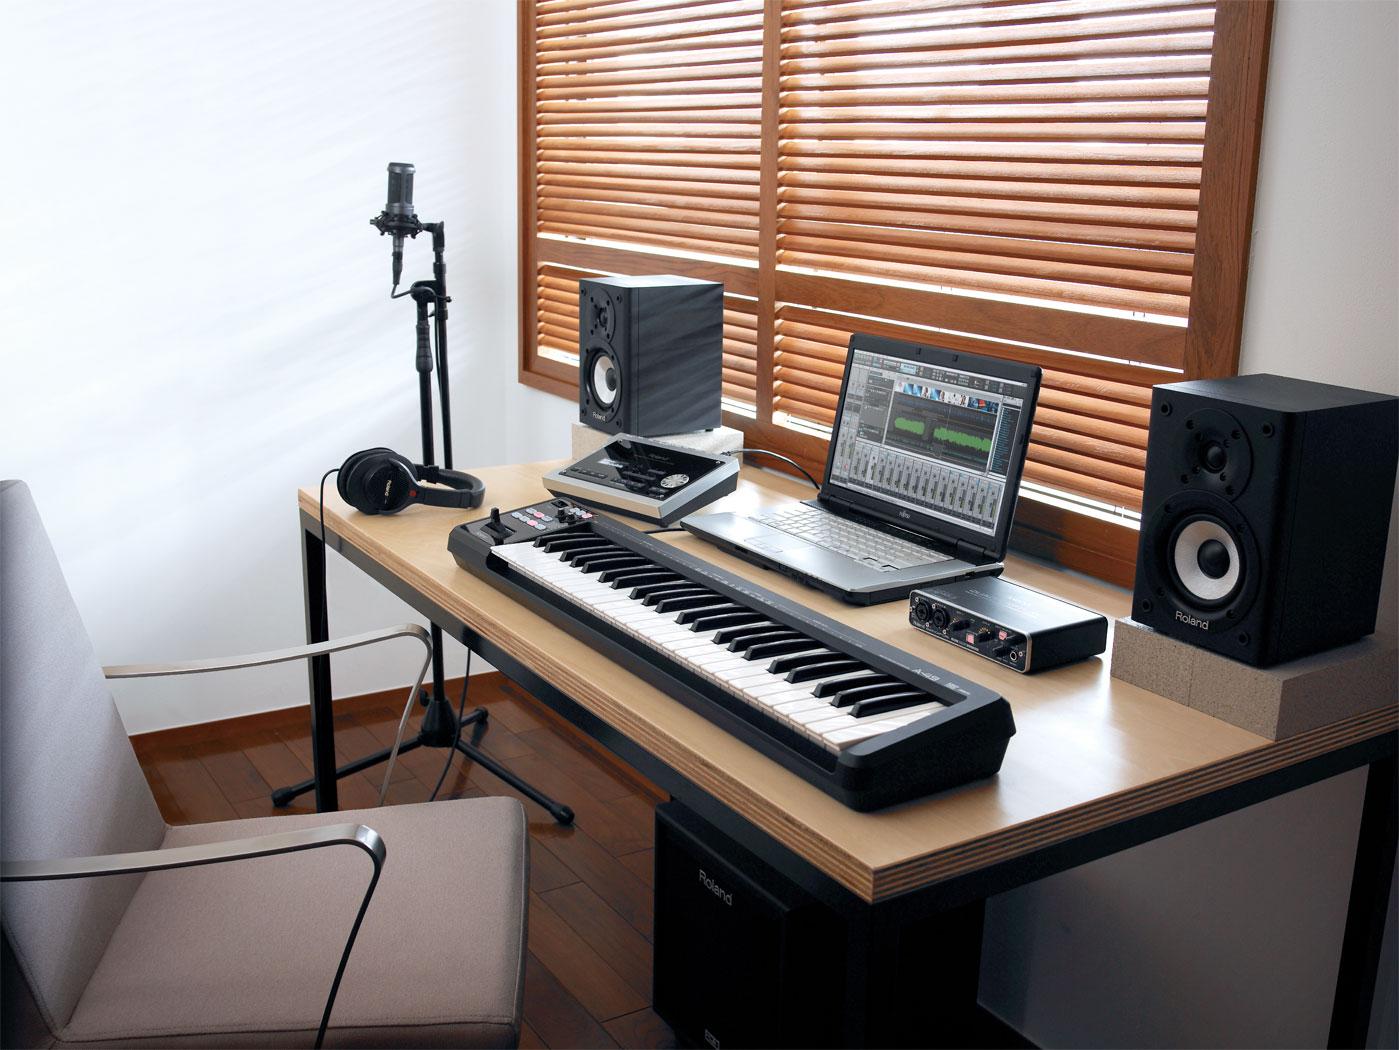 Для домашней студии звукозаписи подойдет звуковая карта с несколькими выходами: для инструментов и микрофона